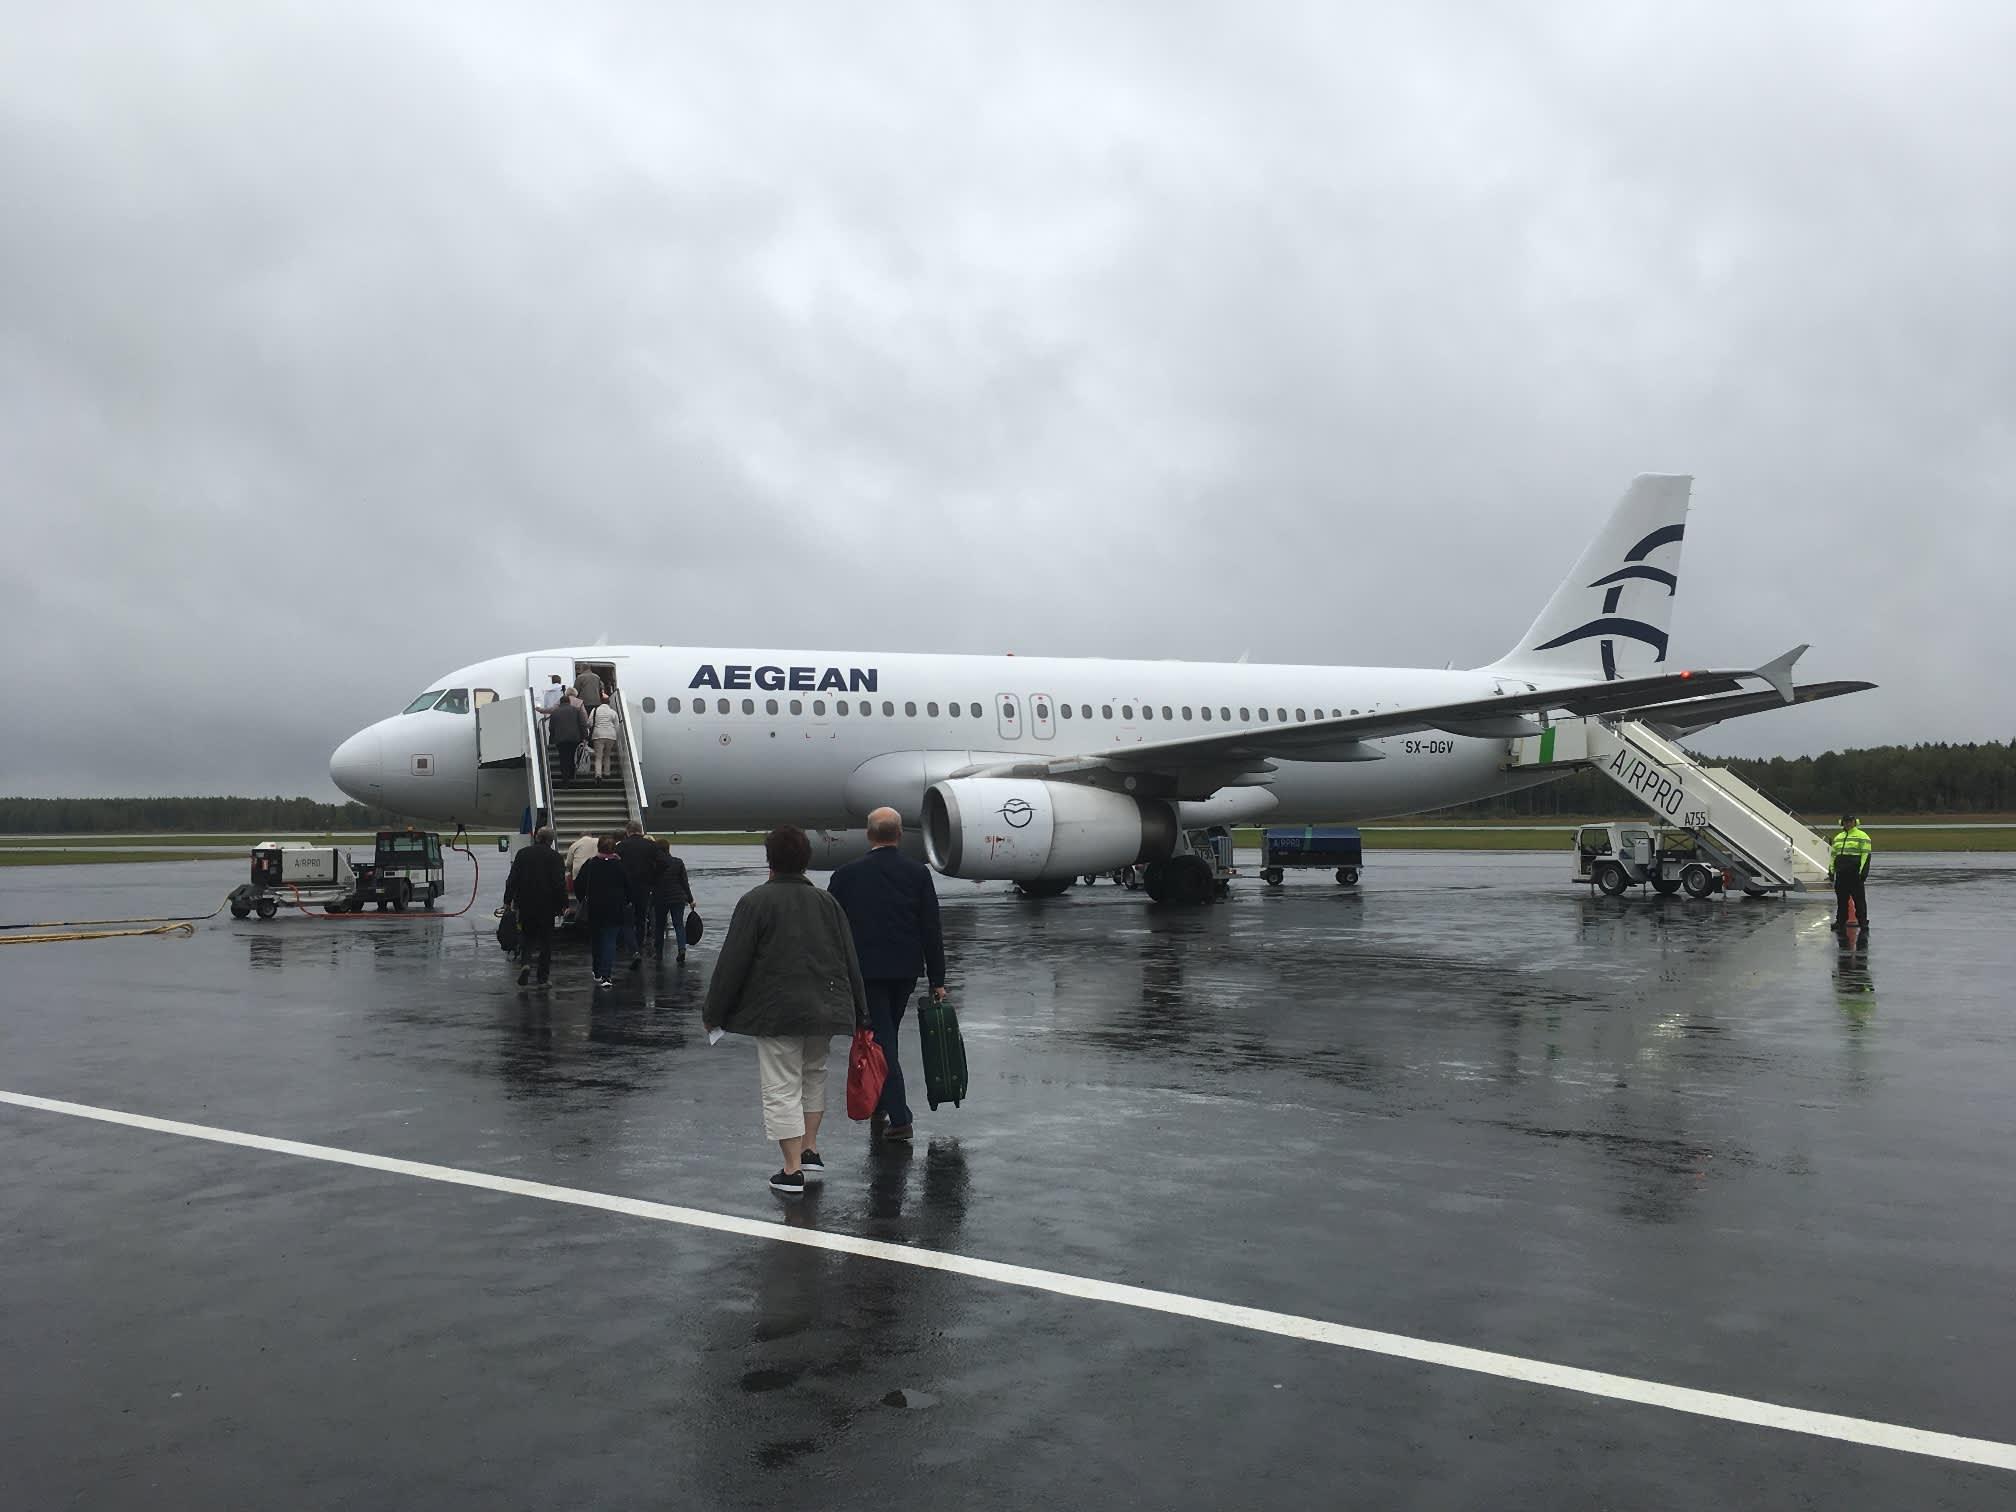 Matkustajat siirtyvät lentokoneeseen.